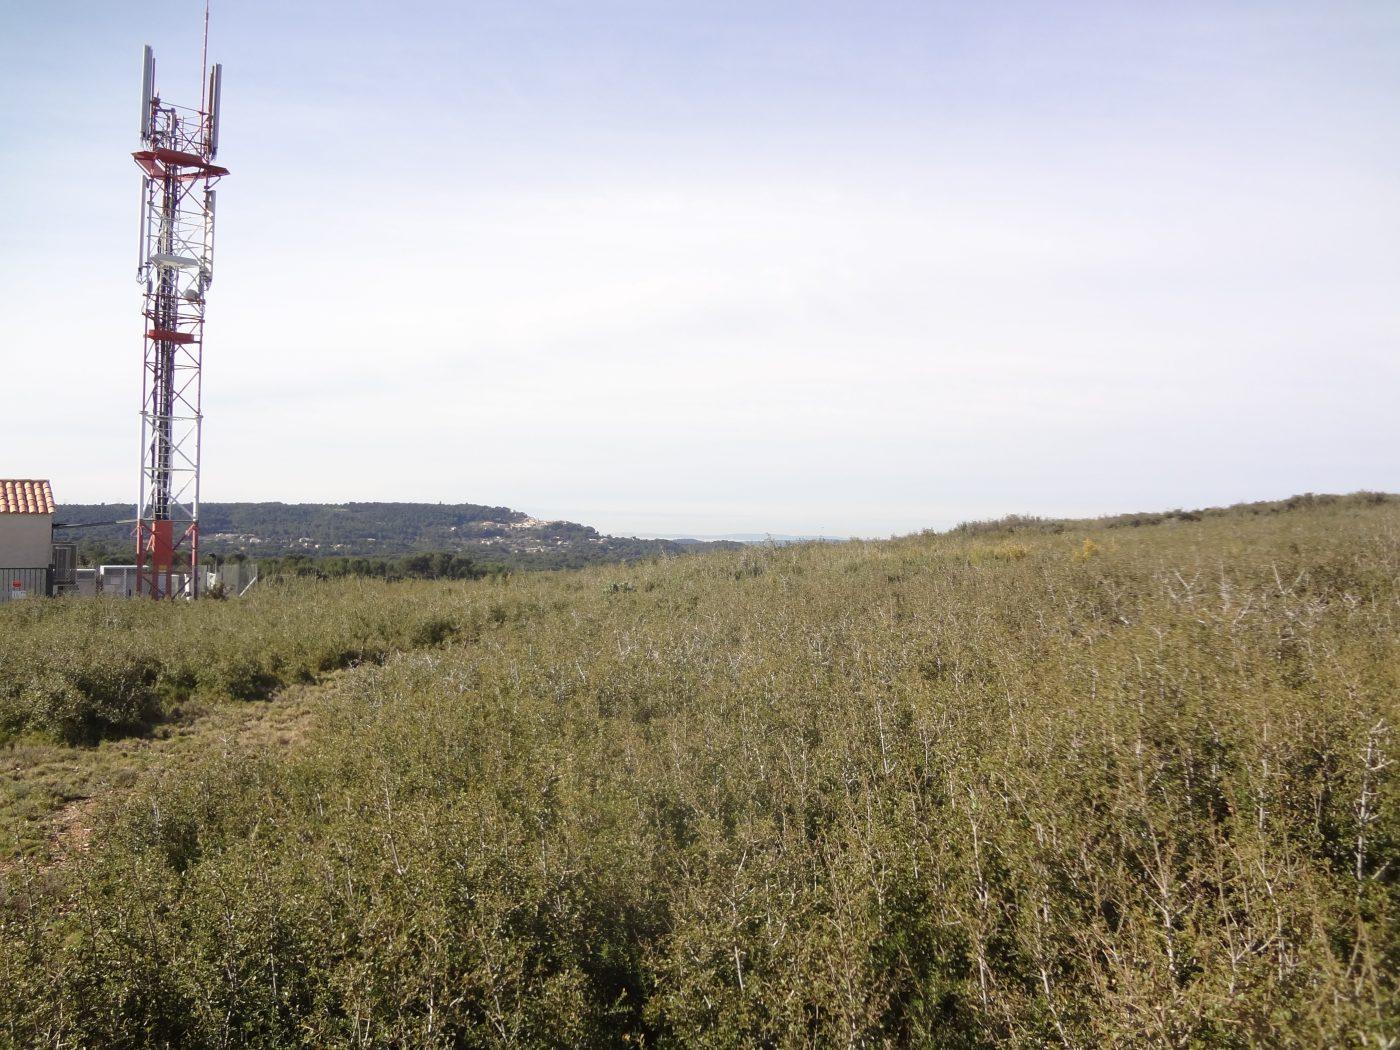 Terrain d'implantation de la centrale solaire Solaris Civis